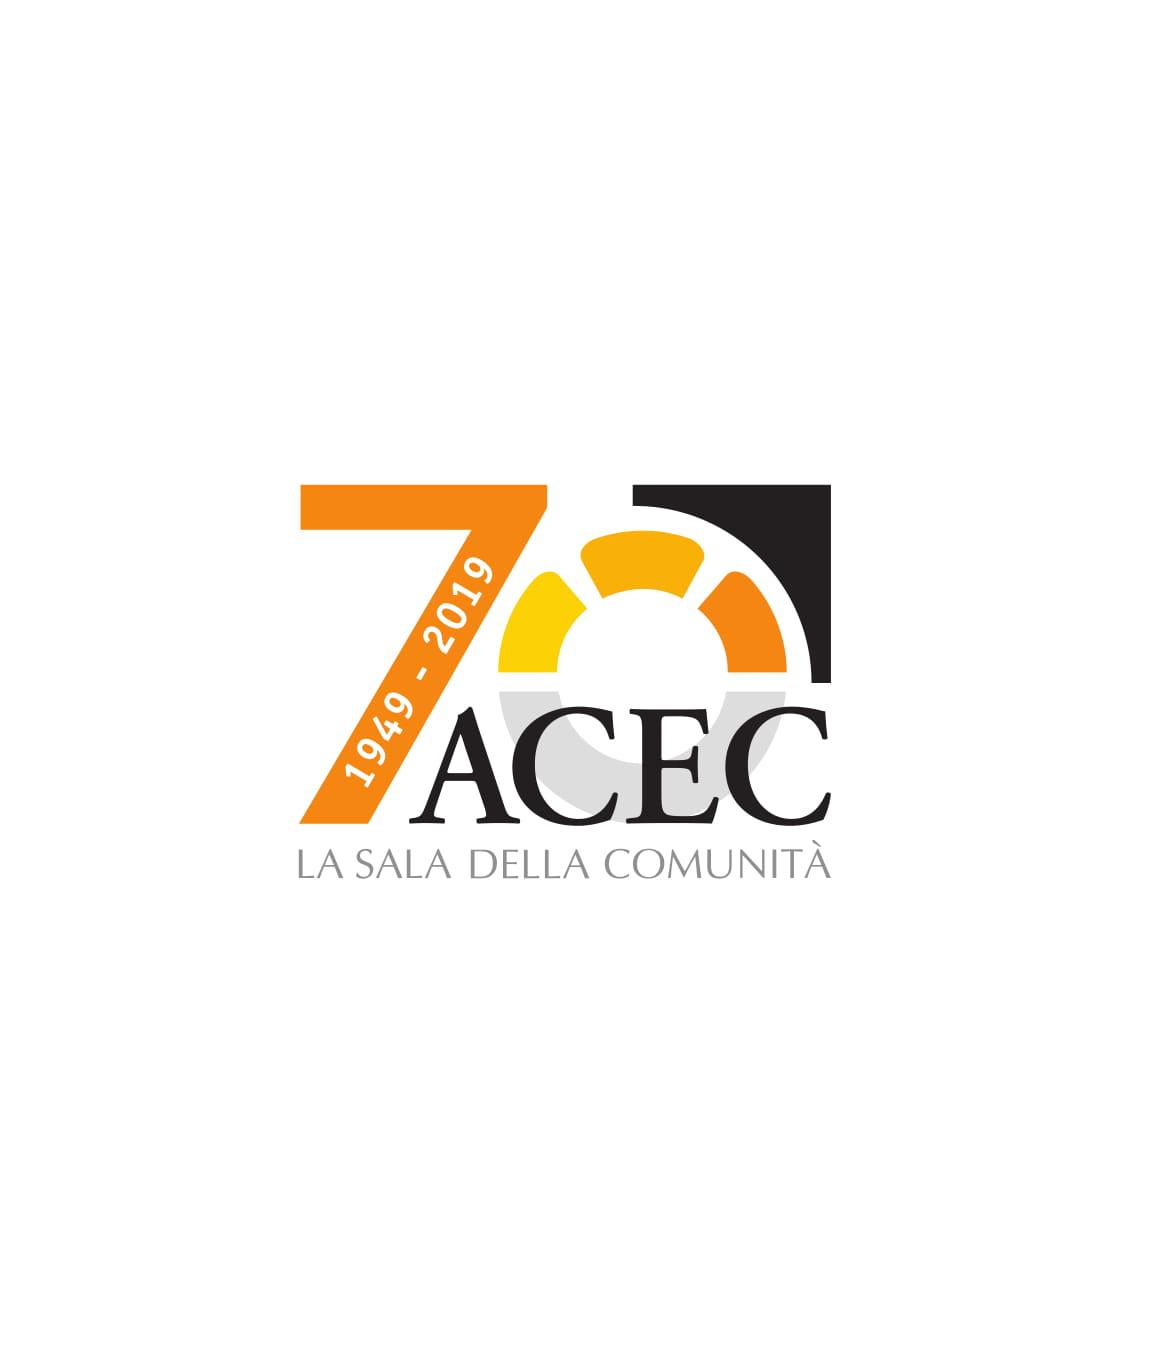 logoAcec_70_data-1